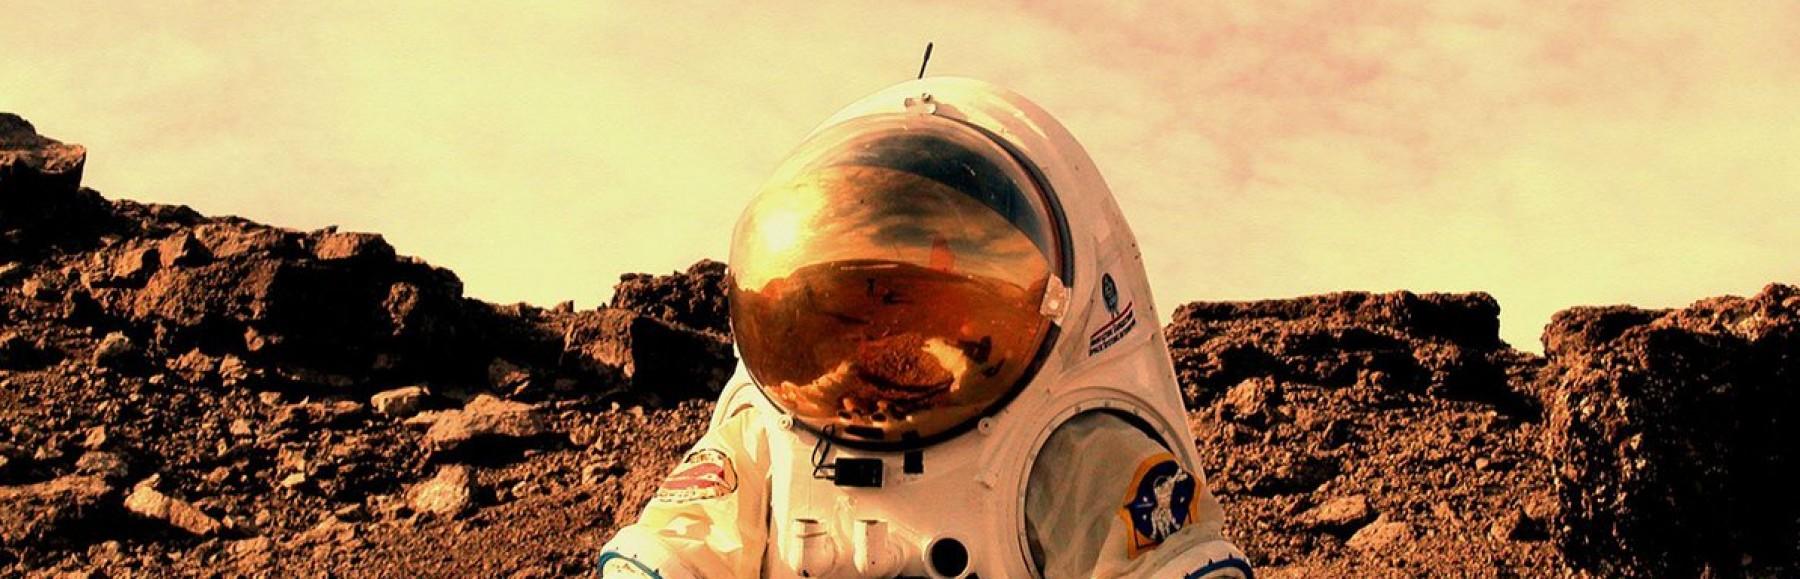 atamabekleyenastronot kapak fotoğrafı